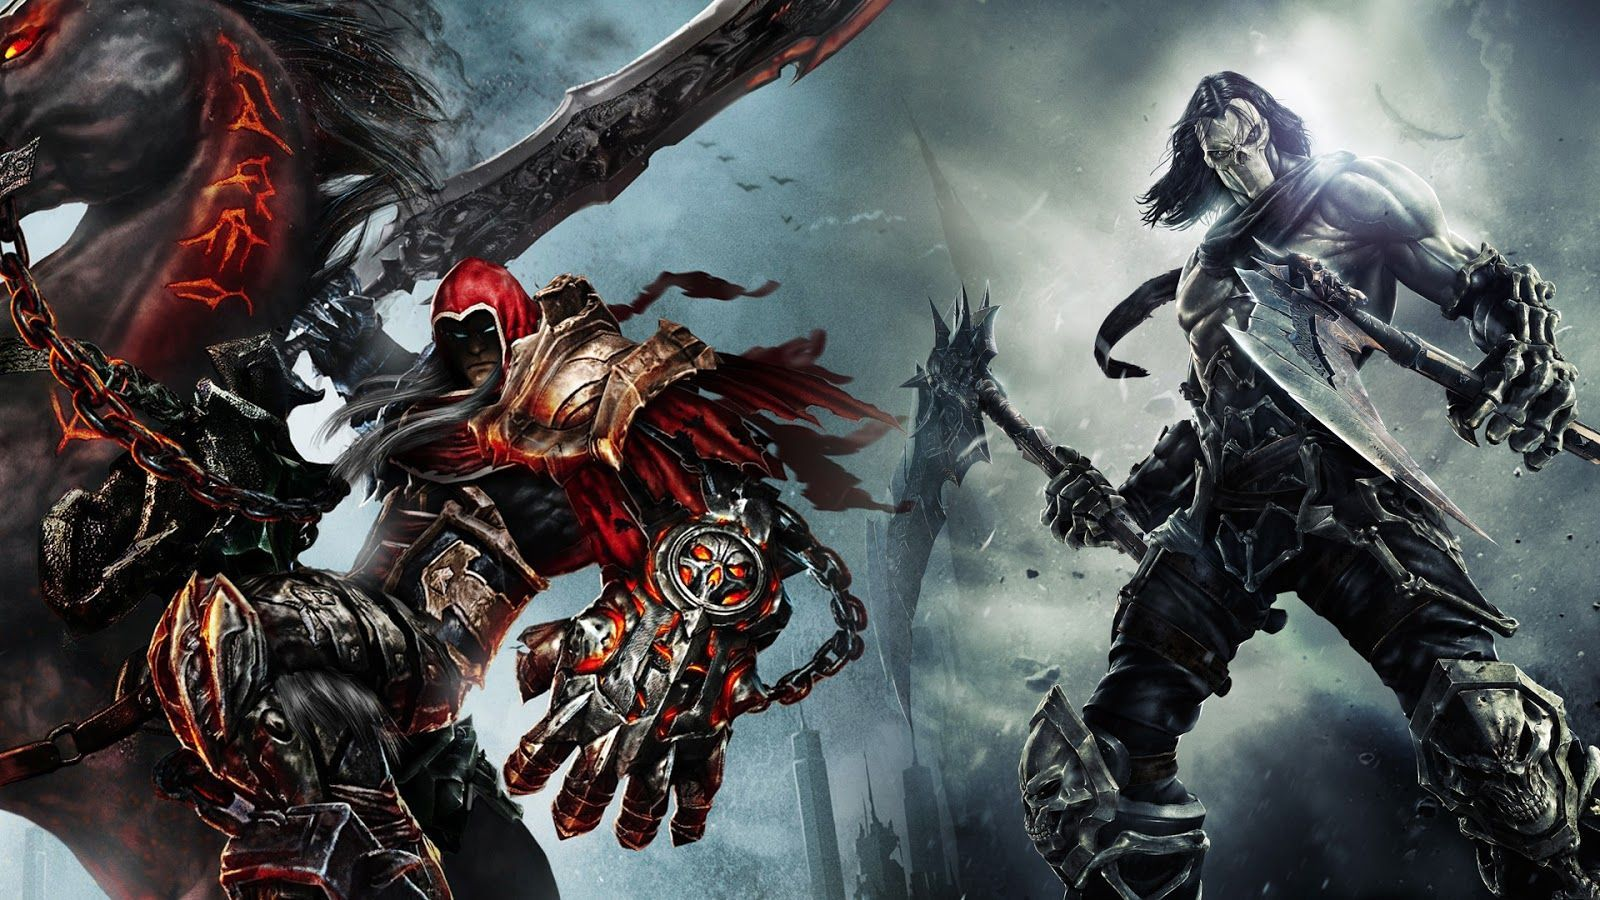 14109 - ¿Cuánto sabes sobre la saga Darksiders?